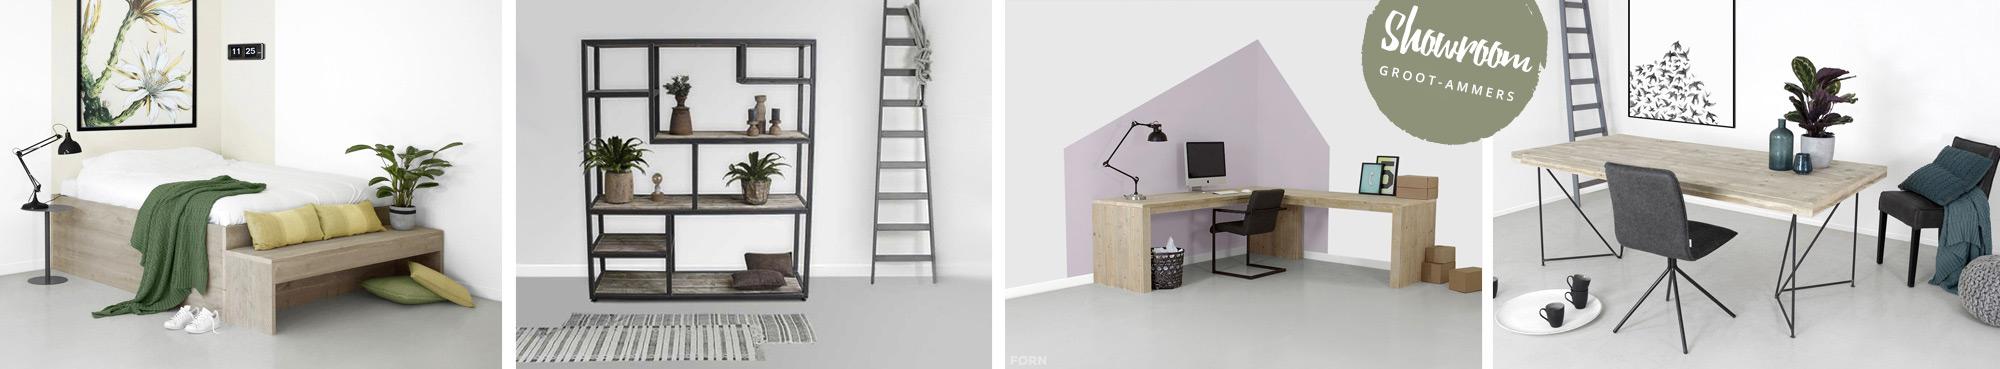 Maatwerk meubels en projecten, showroom in Zwolle.